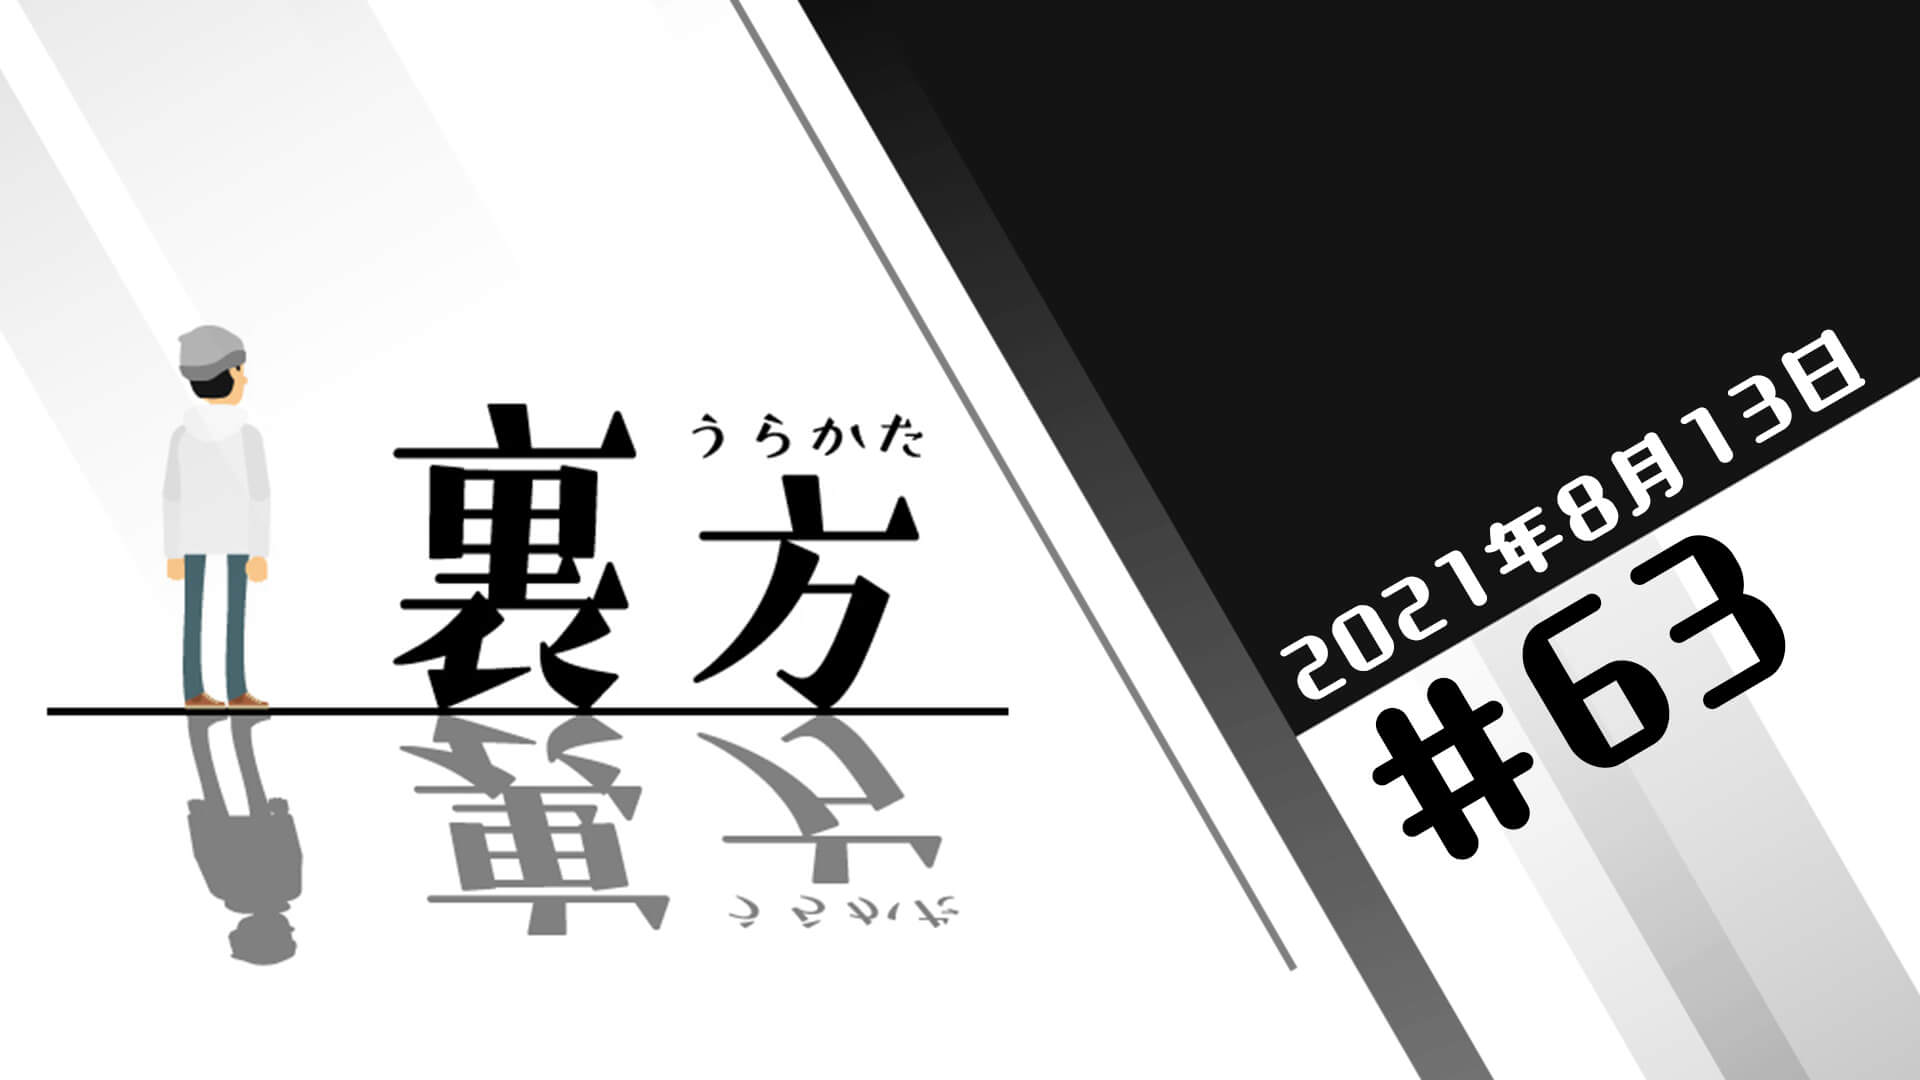 文化放送超!A&G+ 「裏方」#63 (2021年8月13日放送分)